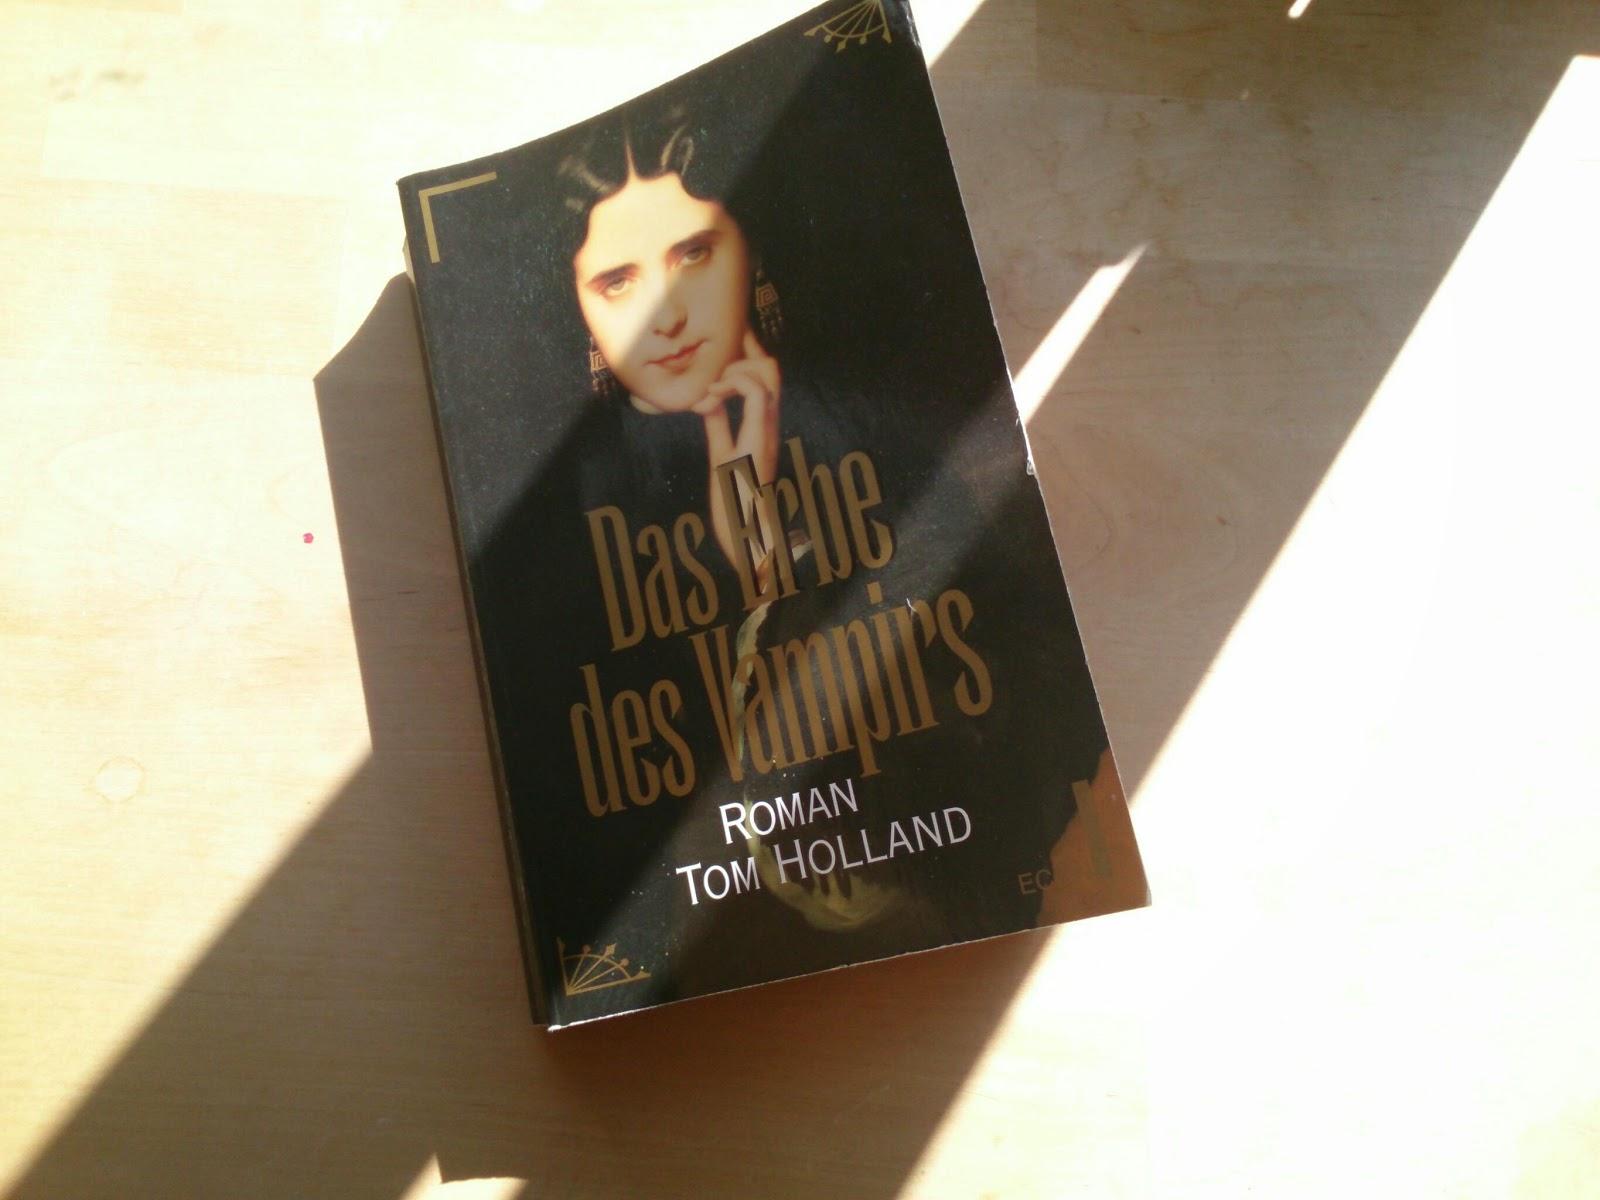 Das Erbe des Vampirs von Tom Holland, Buchempfehlung, Fantasy